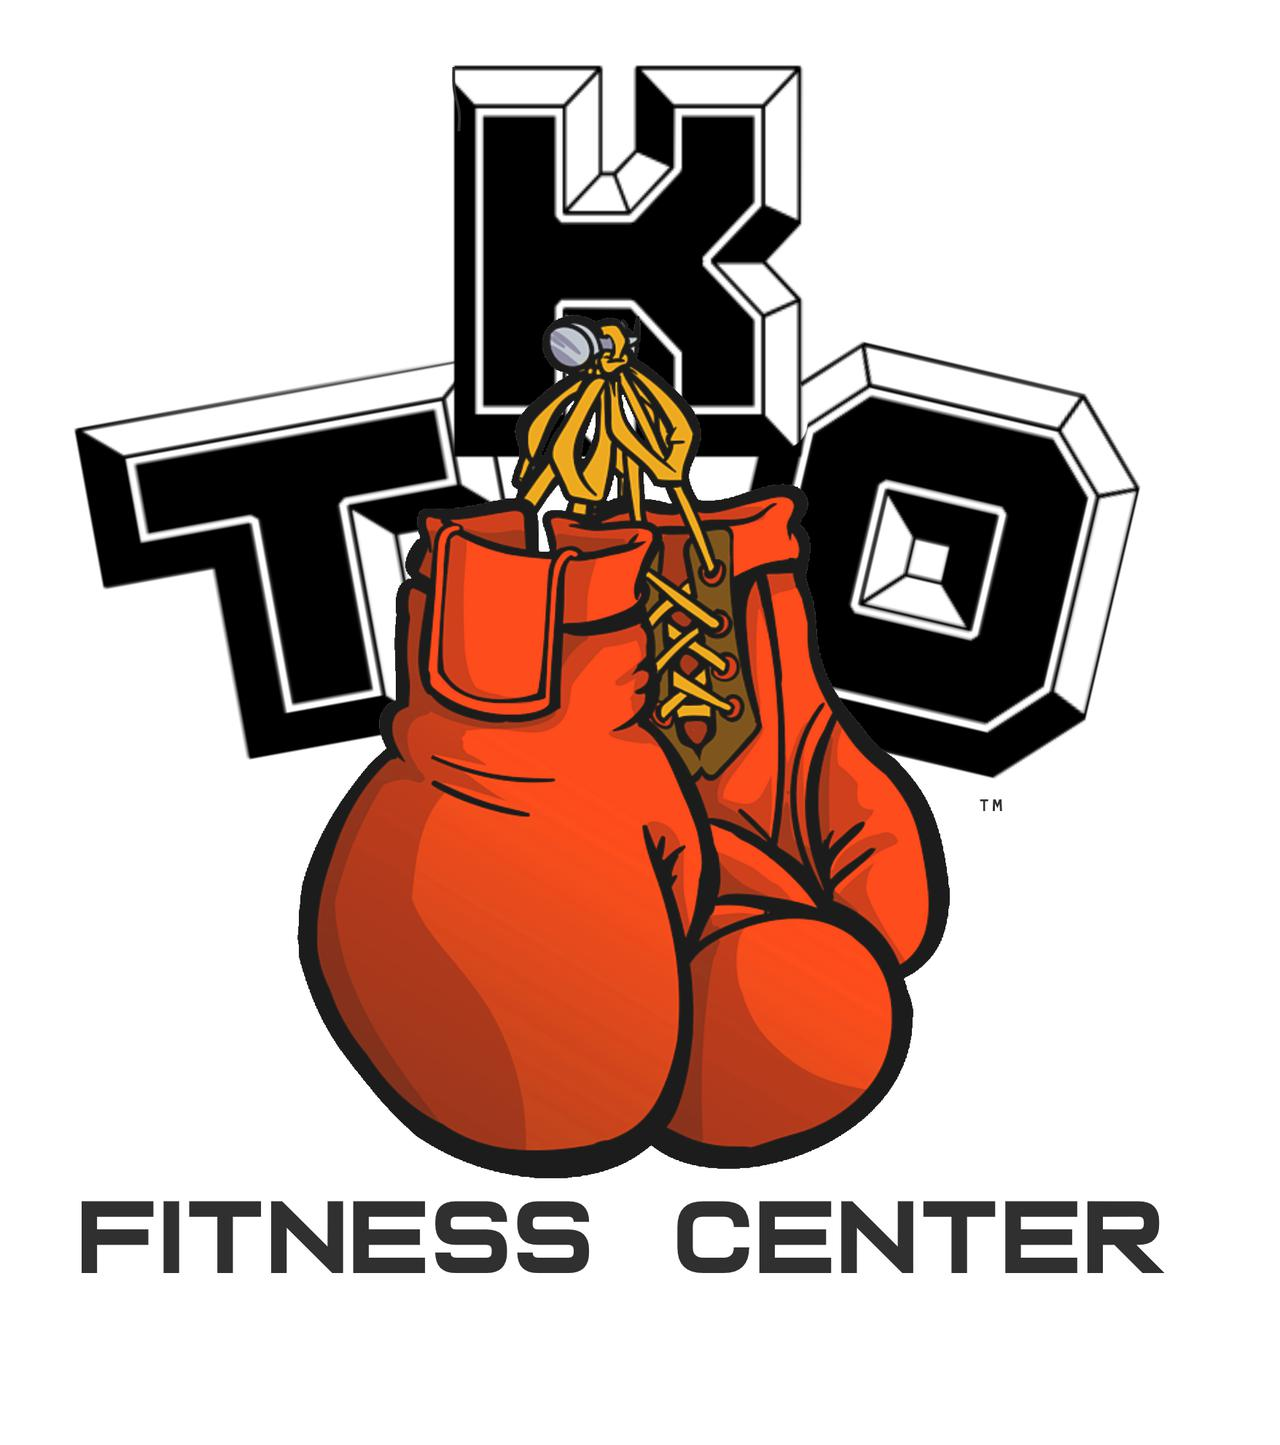 fitness logo color logo.jpg